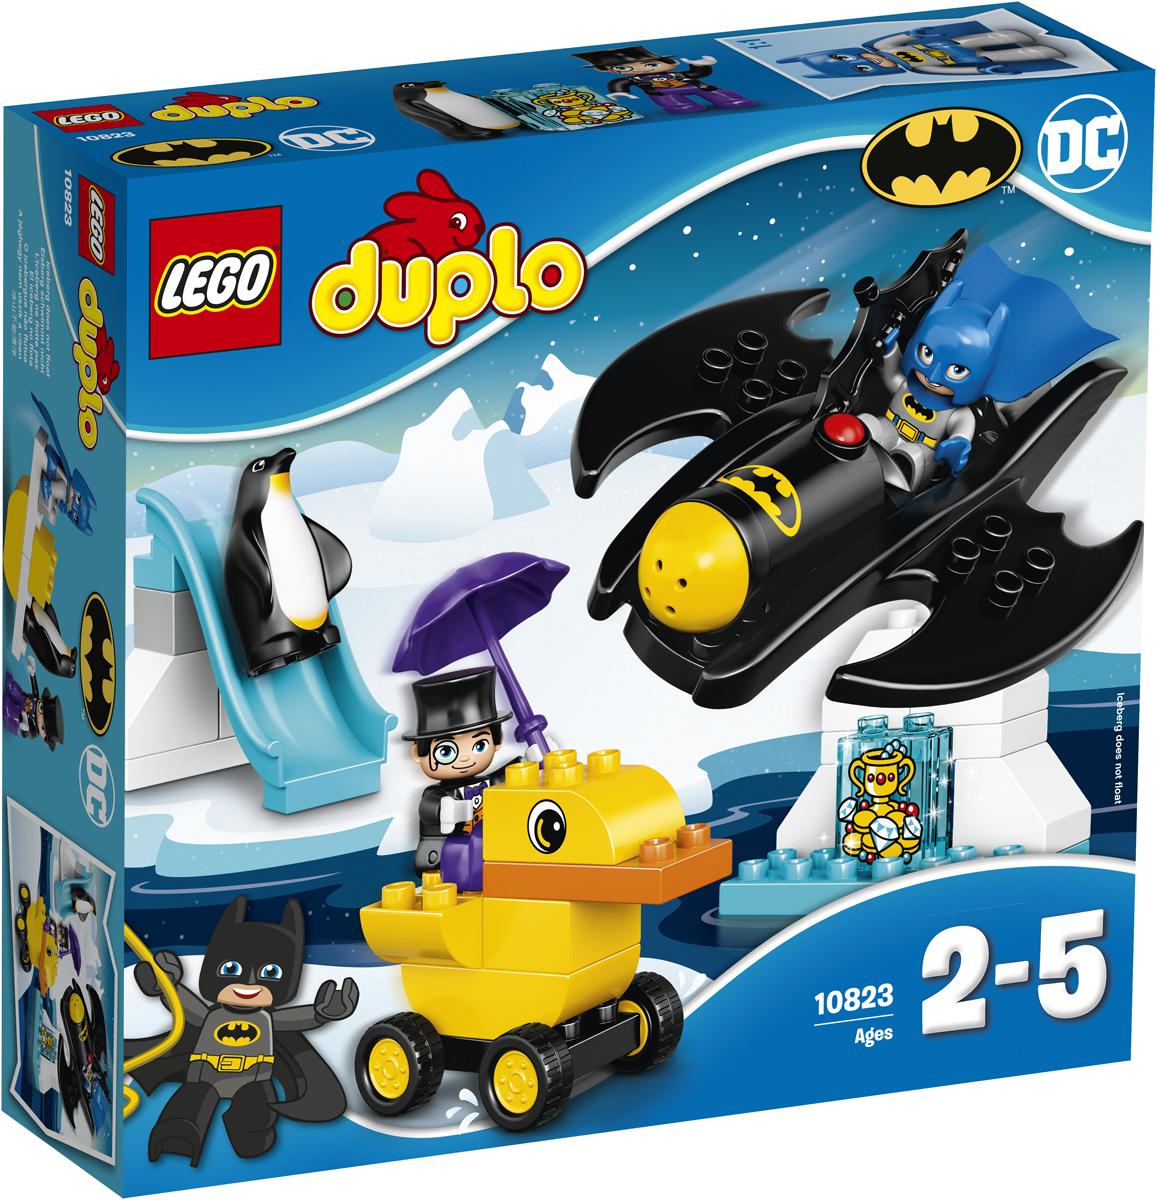 LEGO DUPLO Конструктор Приключения на Бэтмолете 1082310823Вашему ребёнку понравится собирать этот весёлый игровой набор «Приключения на бэтмолёте» от LEGO DUPLO и помогать Бэтмену™ в поисках украденного сокровища. Ваш маленький супергерой найдёт, с чем поиграть в этом наборе: начните историю с запуска пушки Бэтмолёта, затем столкните Пингвина вниз по склону, чтобы не дать ему сбежать на своей лодке в виде утки. В набор входит две фигурки DUPLO.